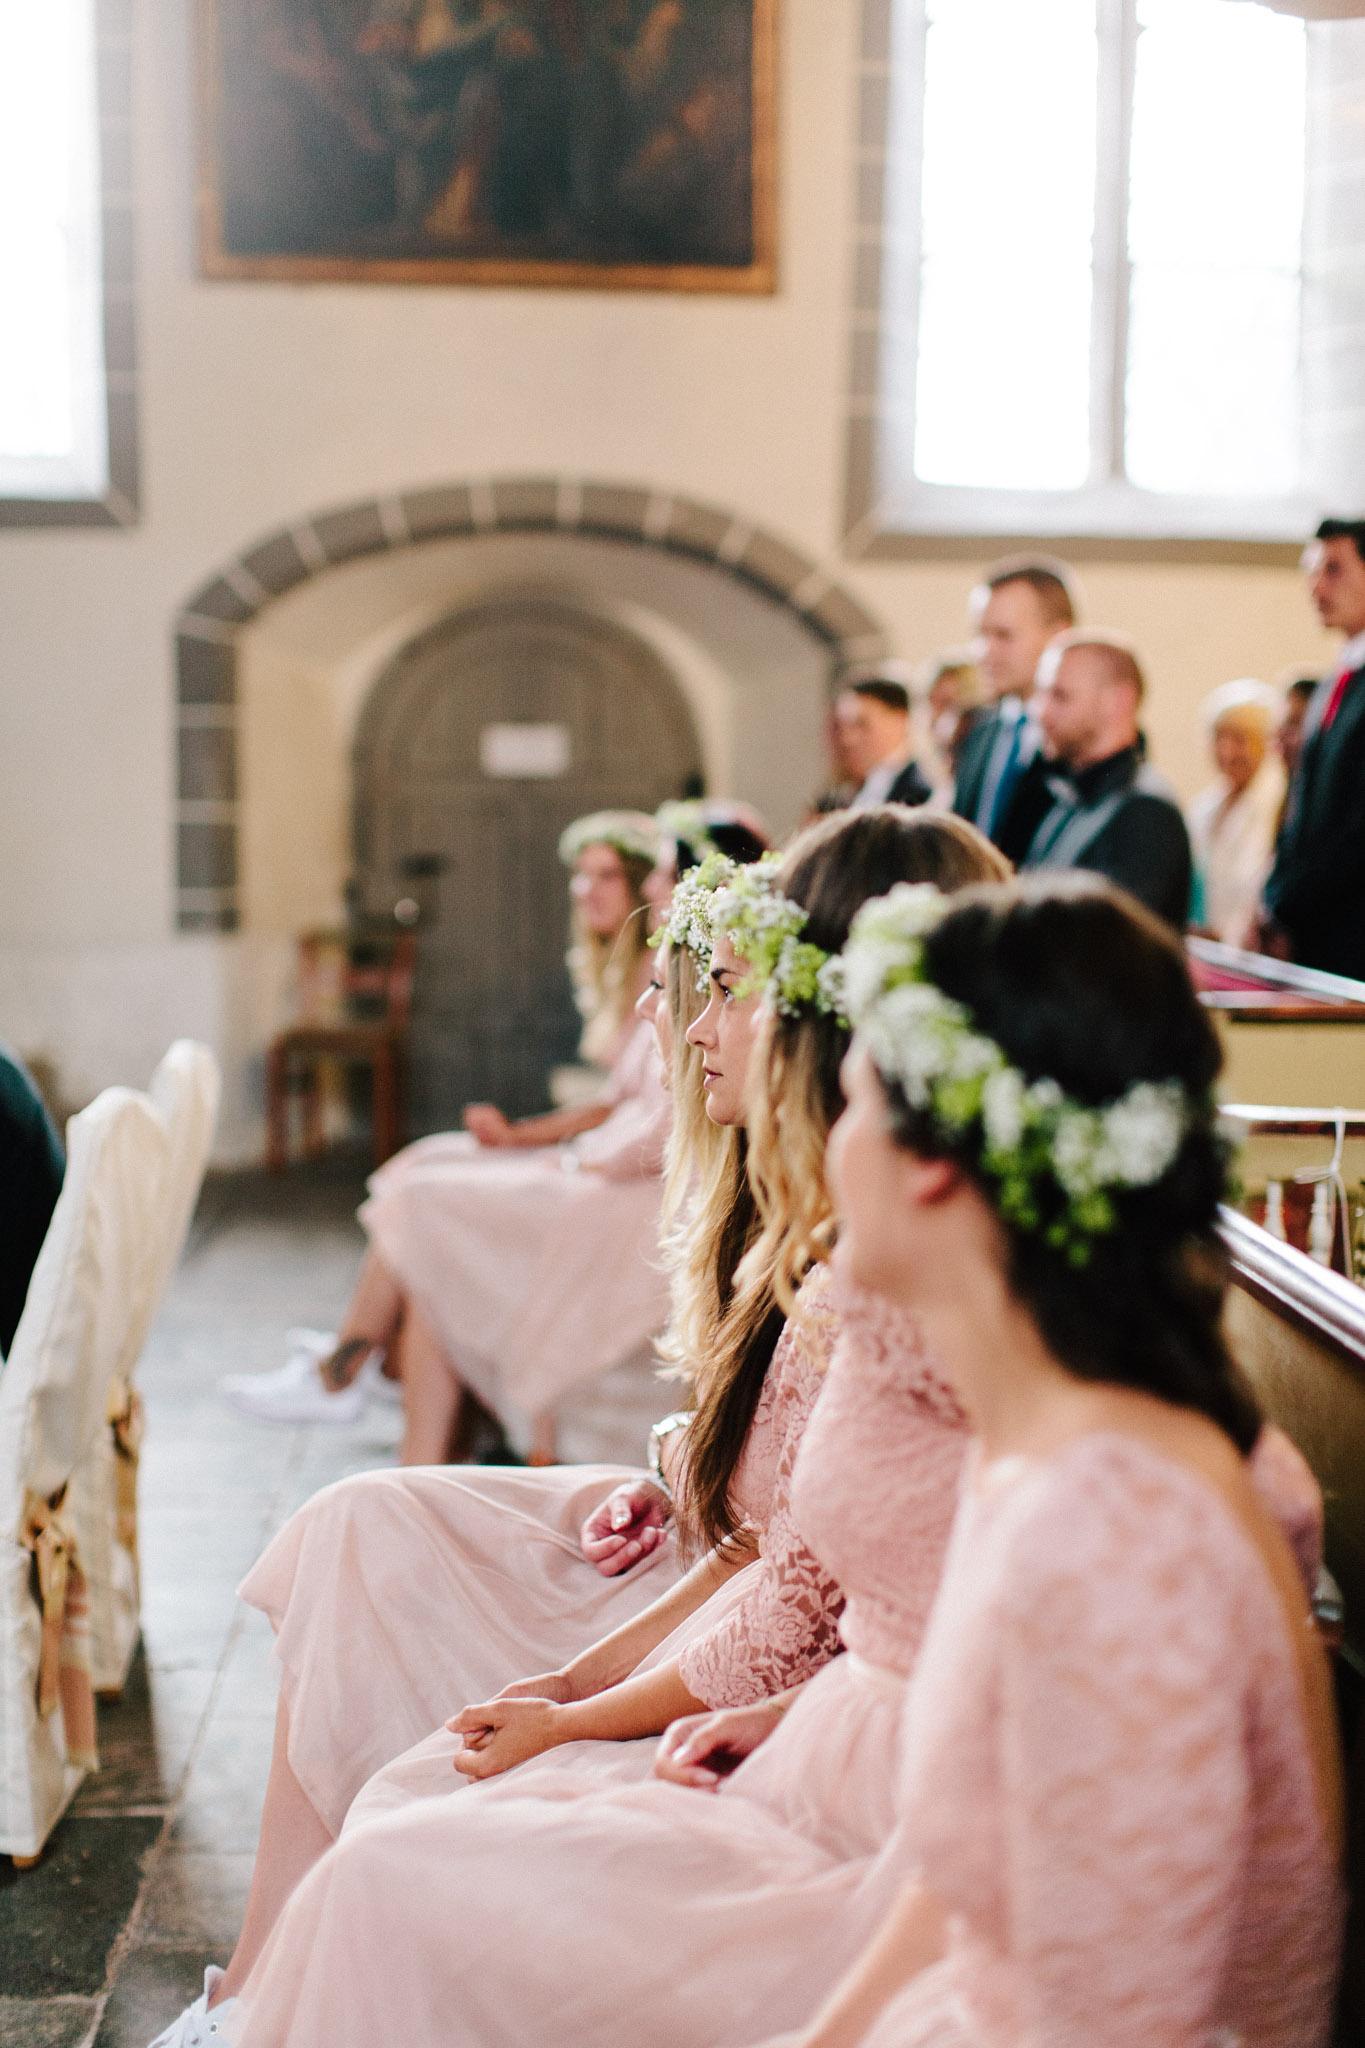 Nordhausen-Harz-Hochzeit-Pia-Anna-Christian-Wedding-Photography-LM-34.jpg